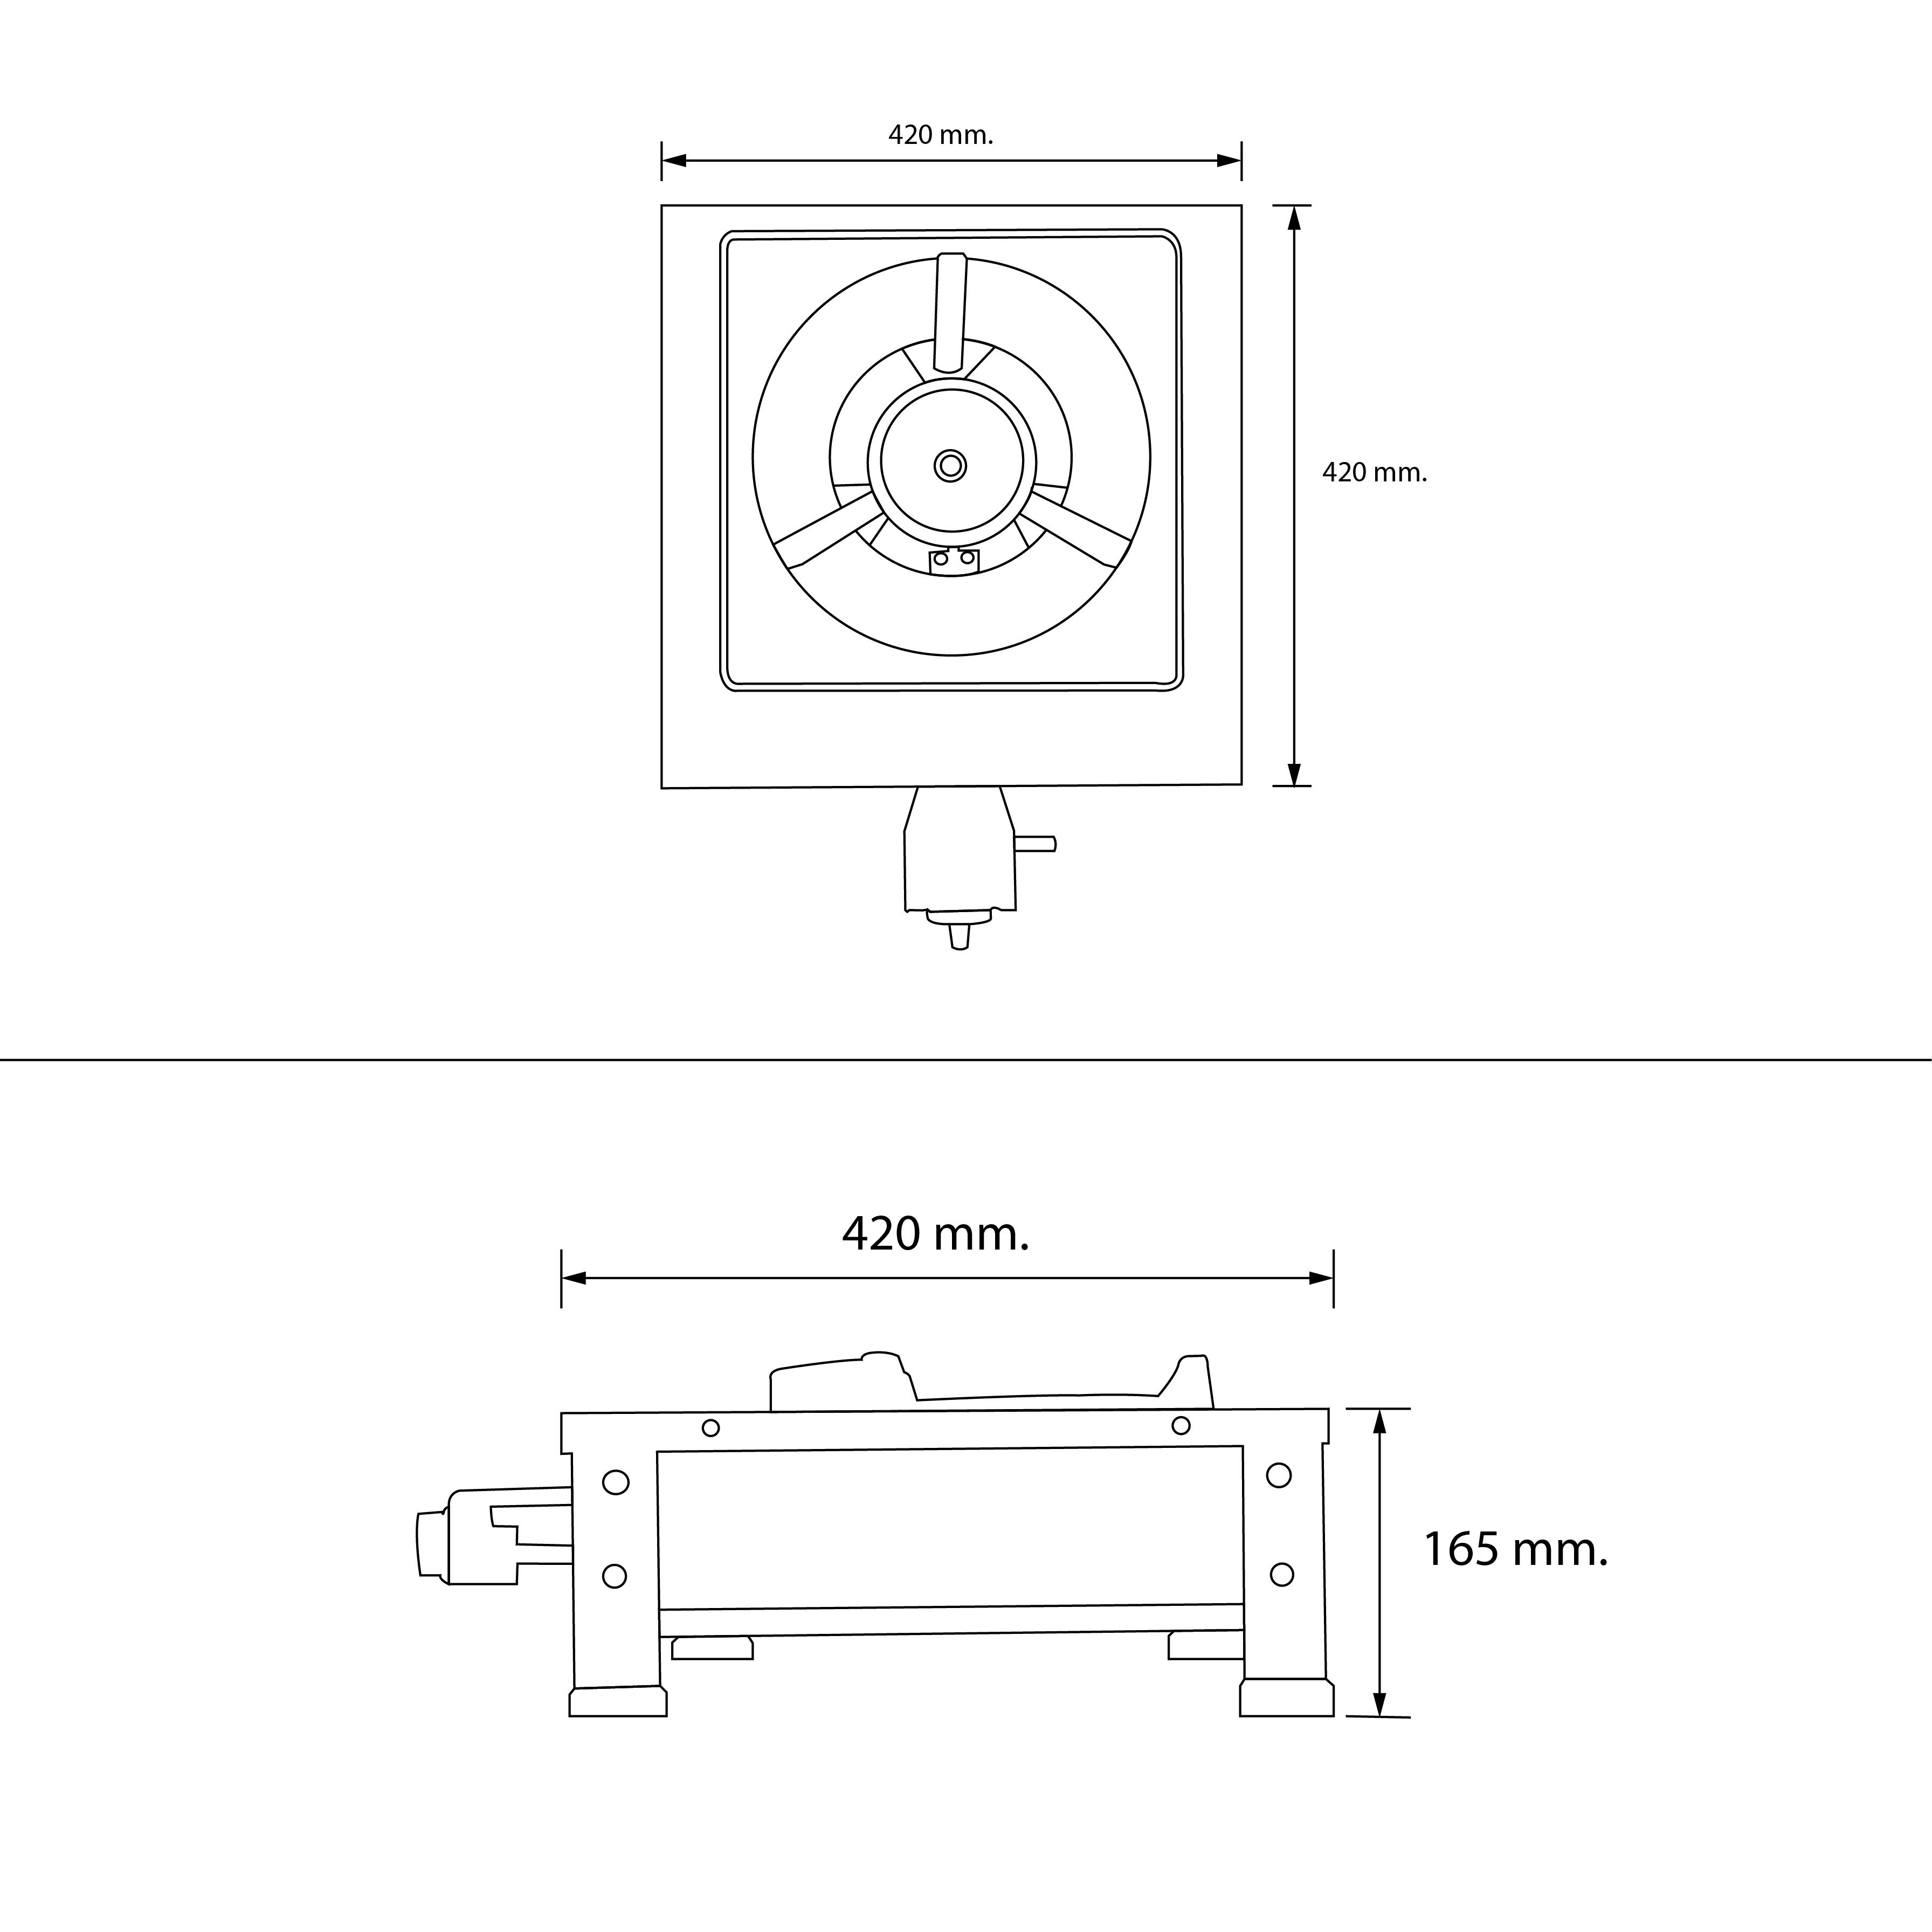 เตาแก๊สหัวเดียว เตาแก๊สตั้งโต๊ะ เตา kb5 HGS35-1KB5/AUTO (evercook)